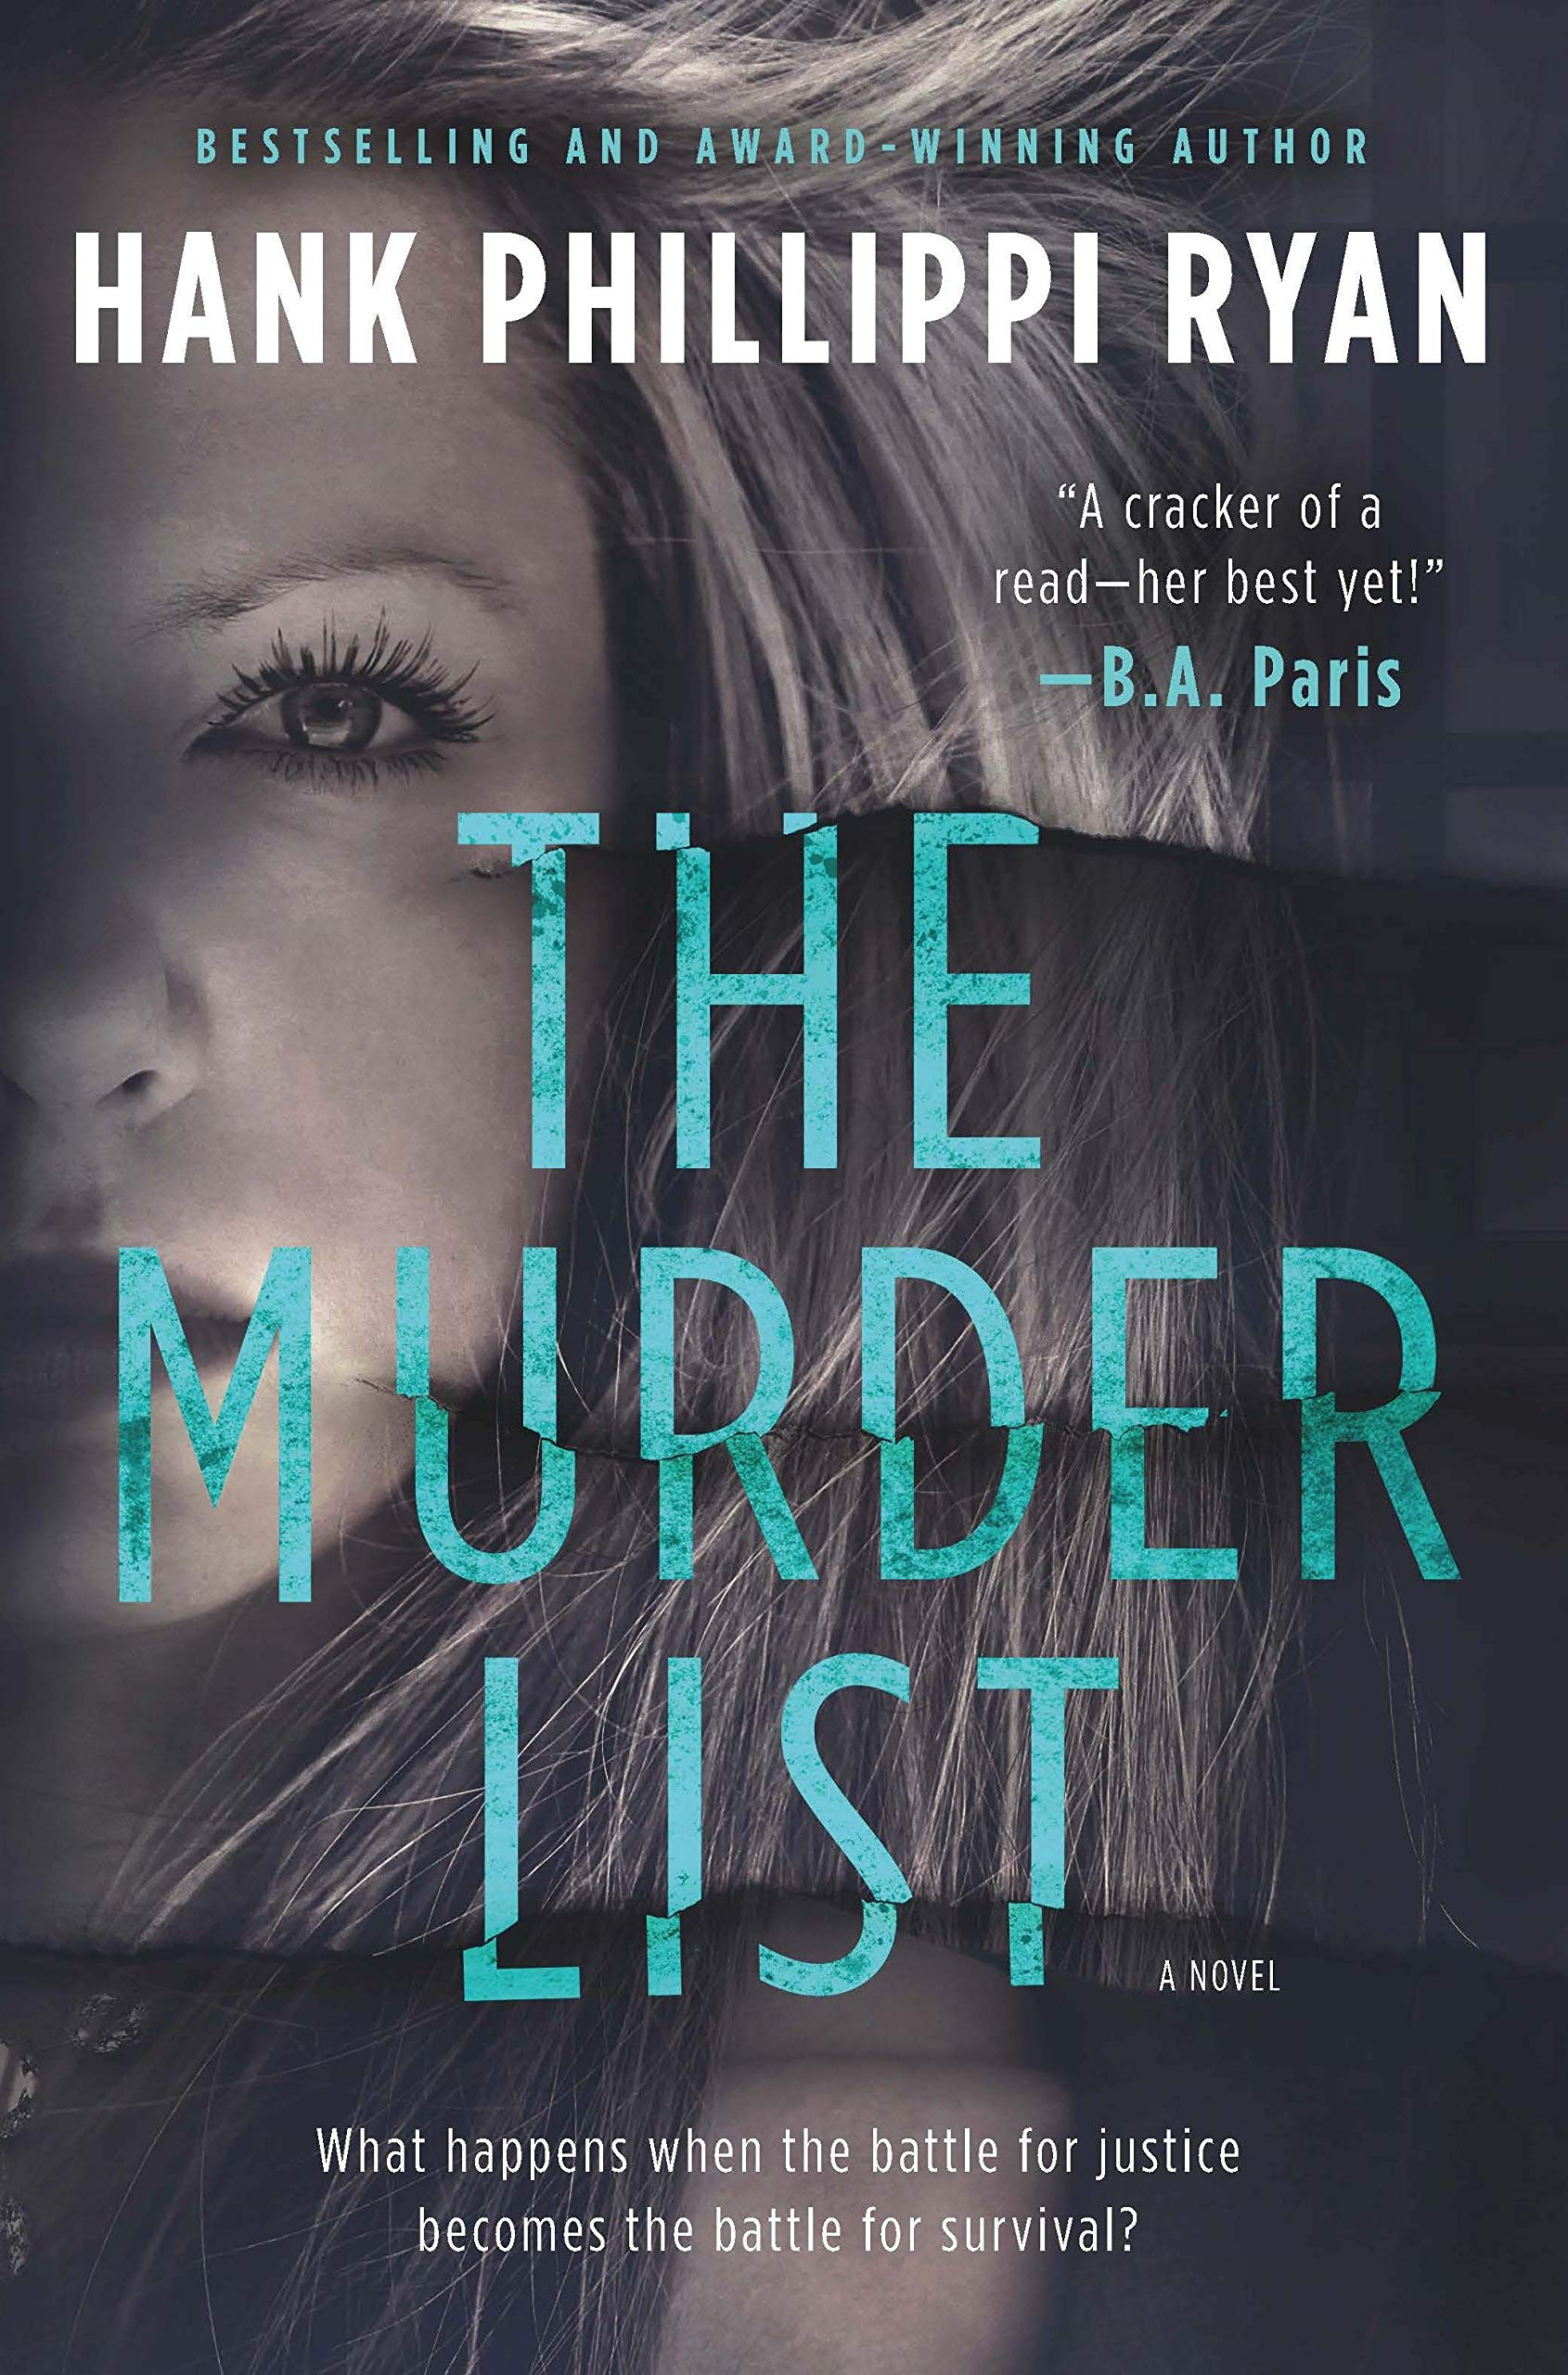 The Murder List: A Novel of Suspense: Hank Phillippi Ryan